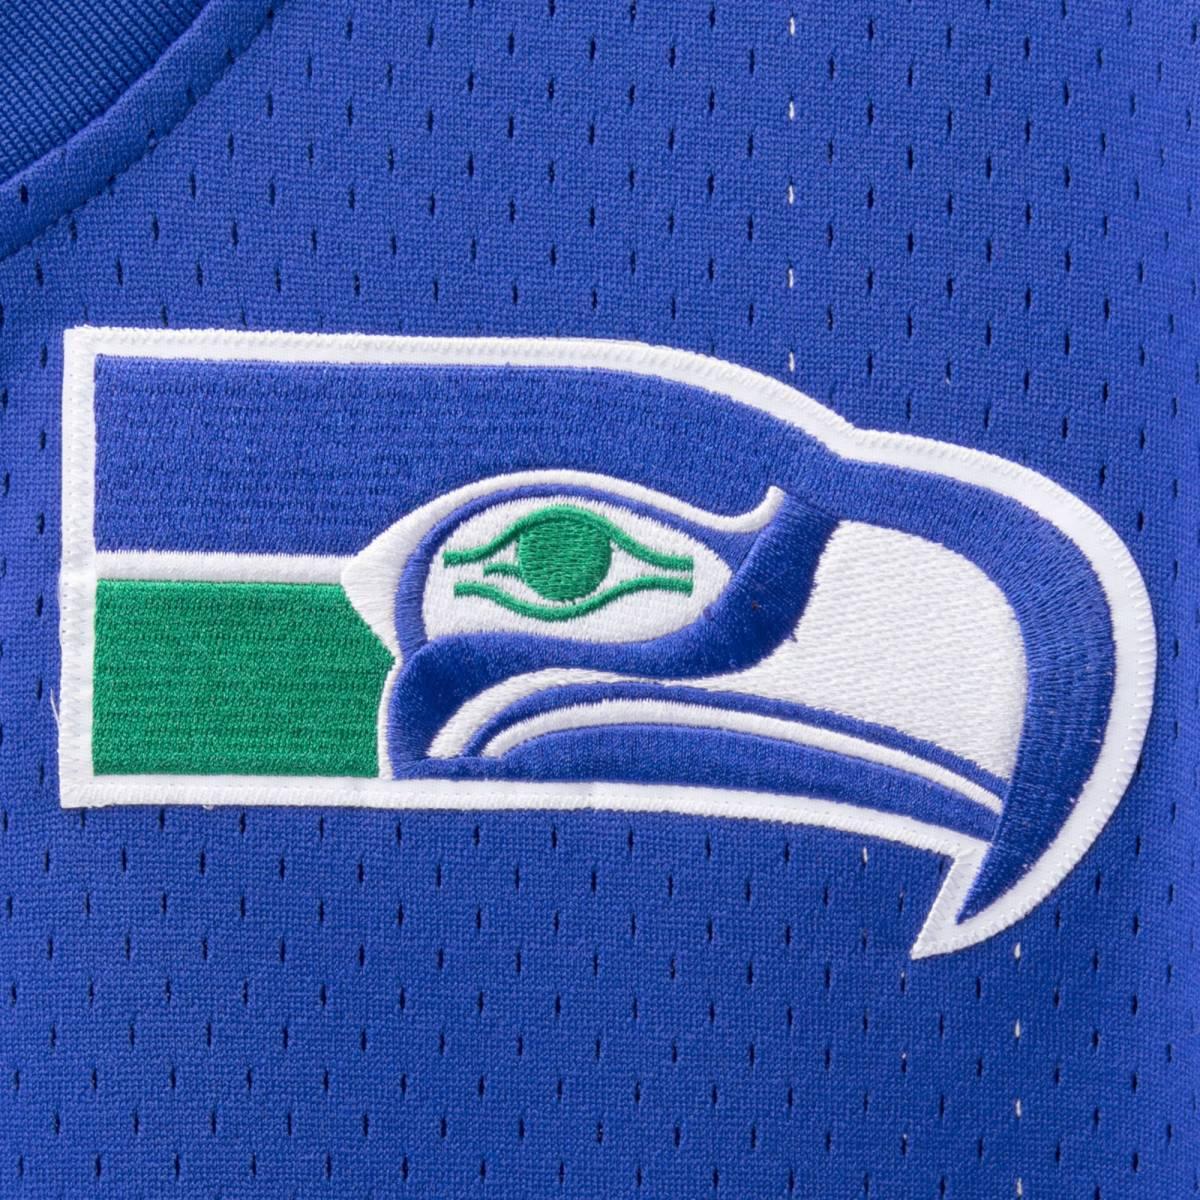 USA限定!! 【3XL】MITCHELL&NESS ミッチェル&ネス 正規品 NFL シアトル シーホークス Seahawks 青 Vネック メッシュ ユニフォーム アメフト_画像4